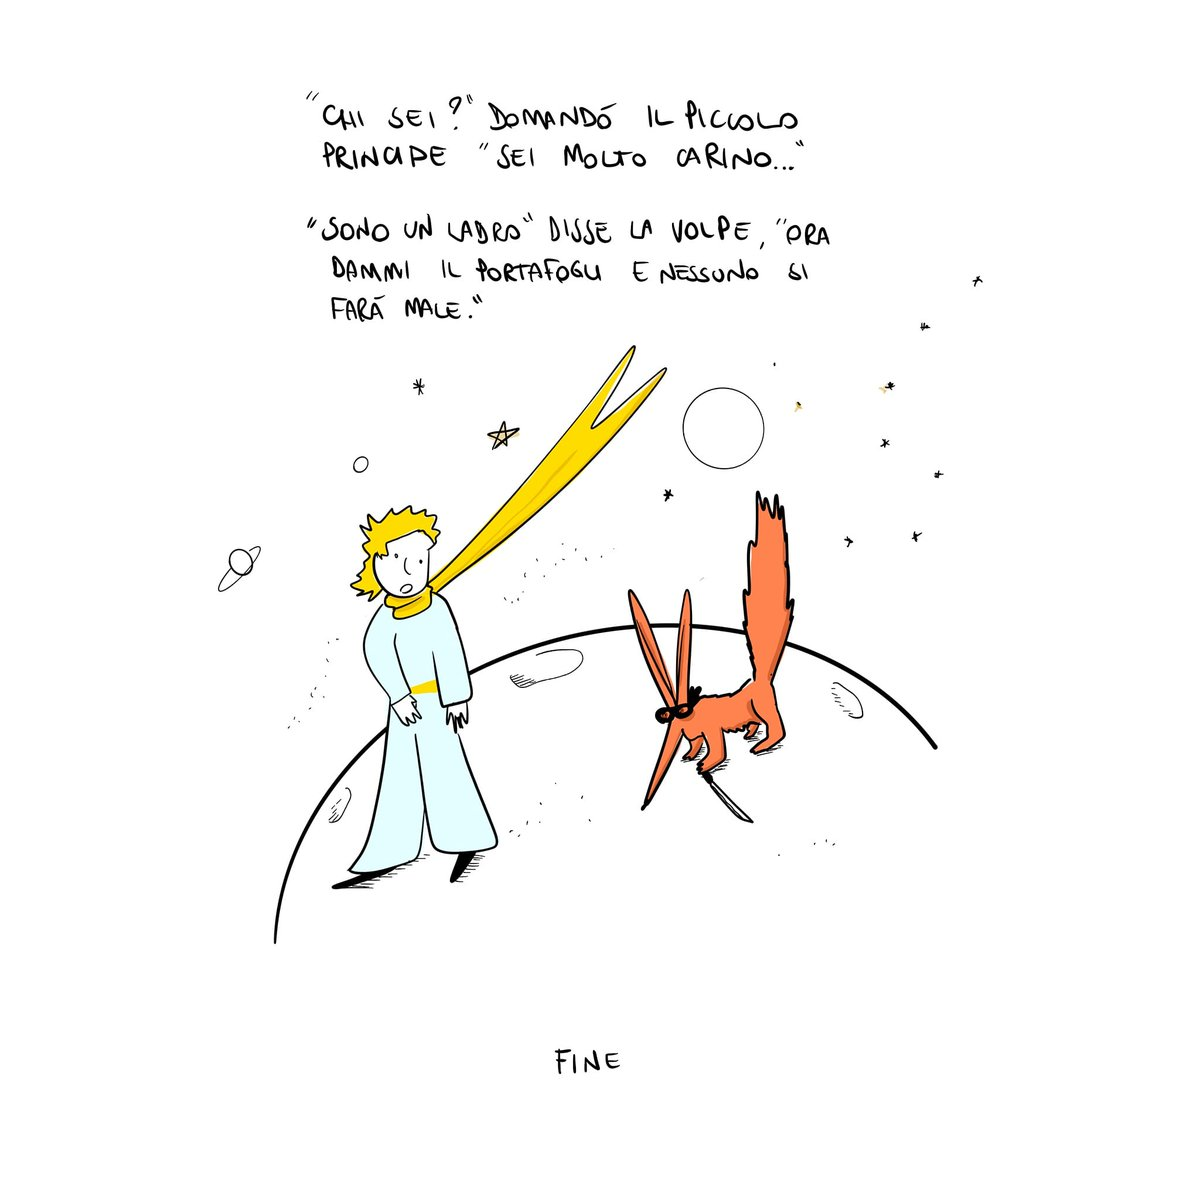 """La morale è che Il piccolo principe ha rotto il cazzo!  E anche quel """"L'essenziale è invisibile agli occhi"""", l'anatema che uccide.  #ilpiccoloprincipe #saintexupery #narrativa #lessenzialeèinvisibileagliocchi #lanatemacheuccide #GianlucaMaroli #Maró #sketch #fun https://t.co/fmr5DPr2LZ"""